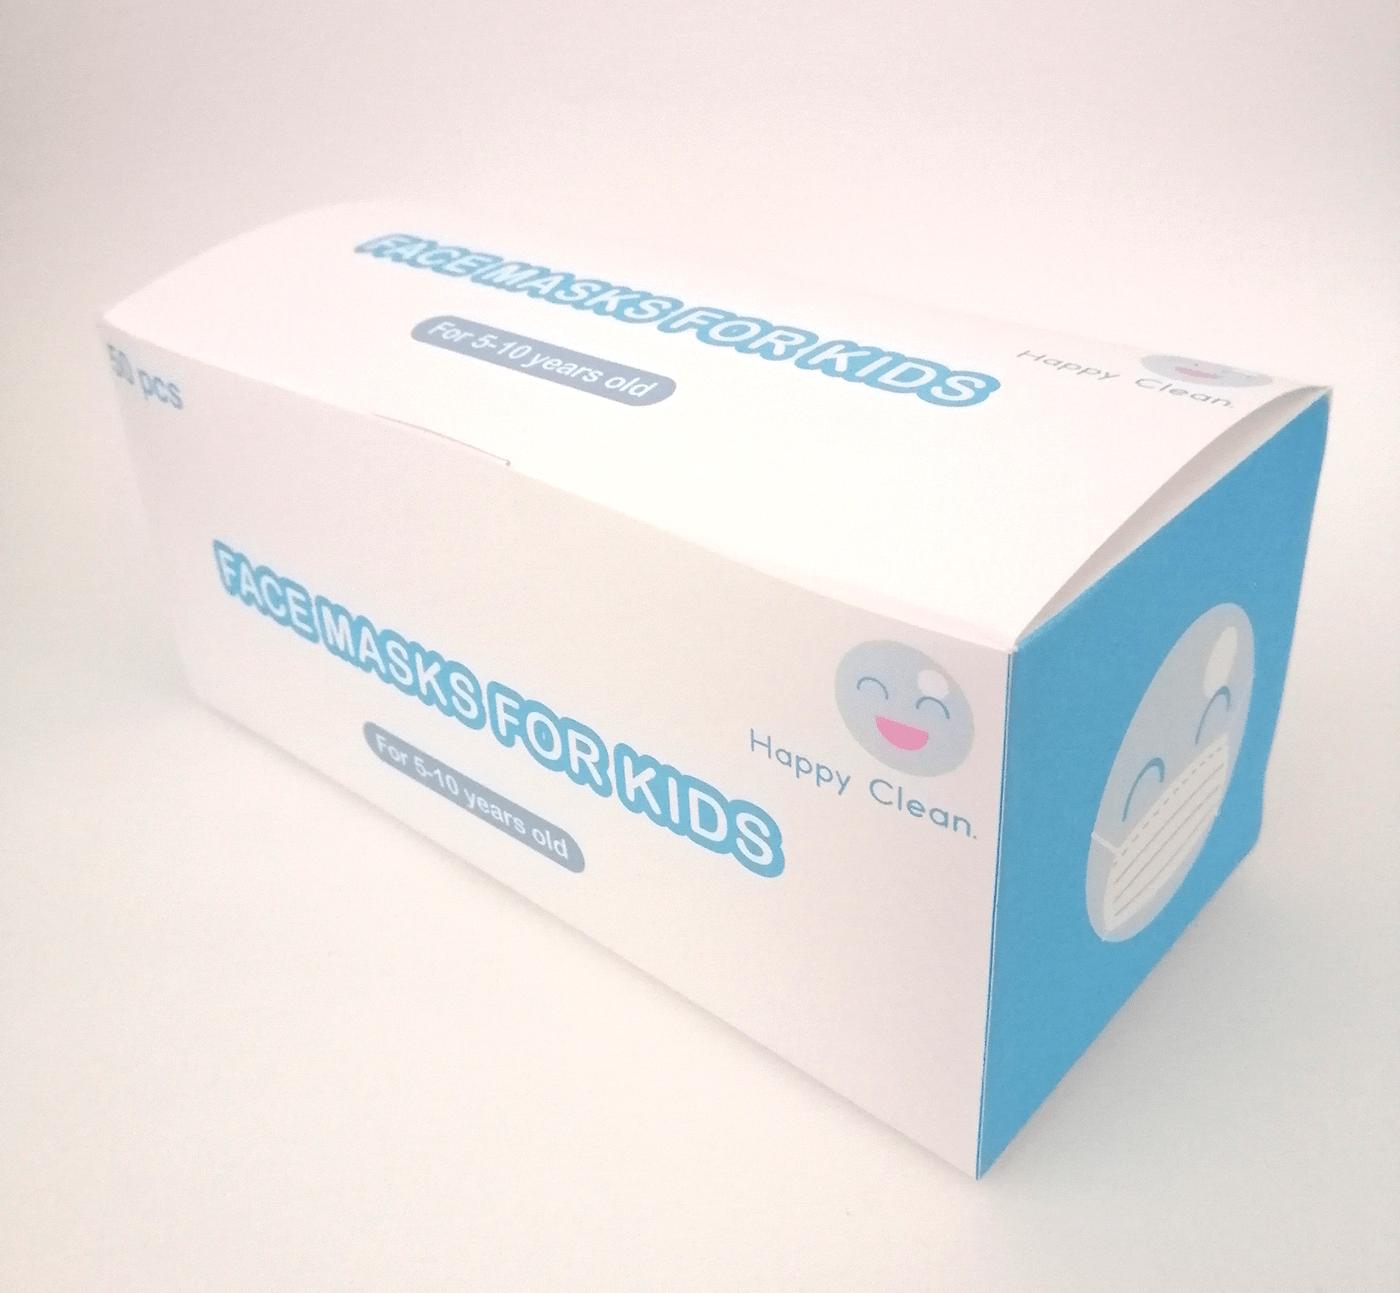 Image may contain: box and carton